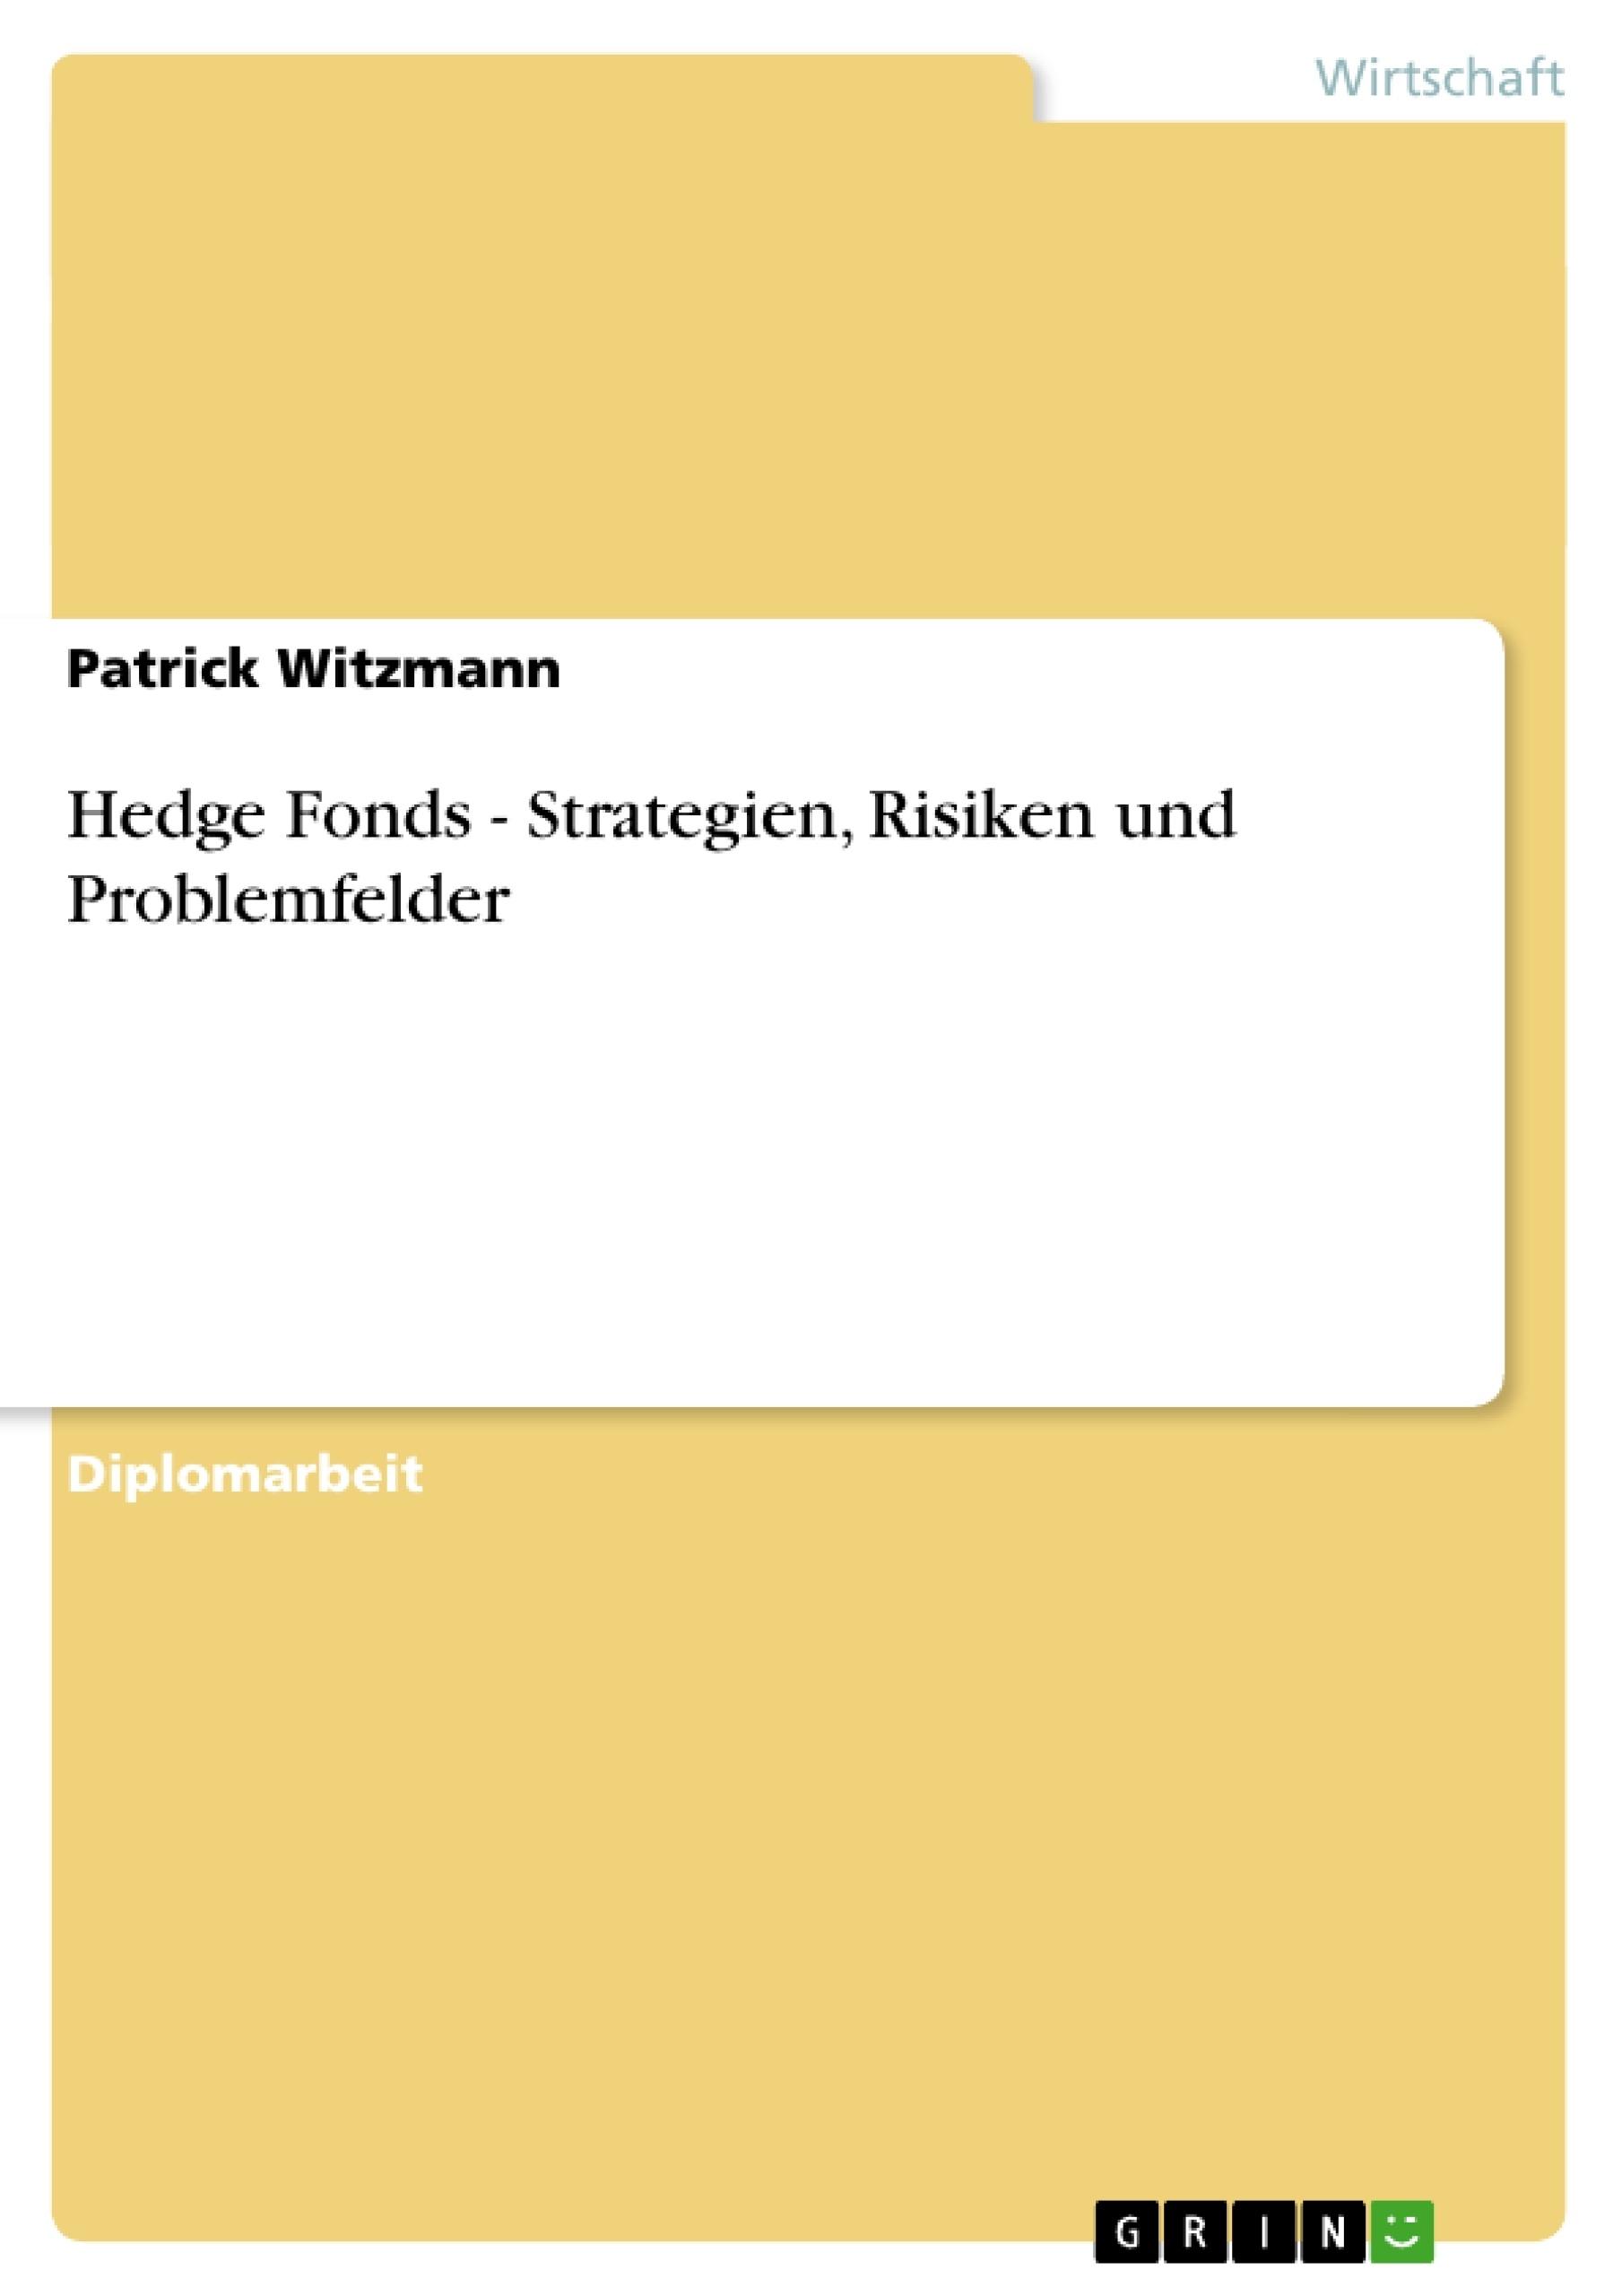 Titel: Hedge Fonds - Strategien, Risiken und Problemfelder